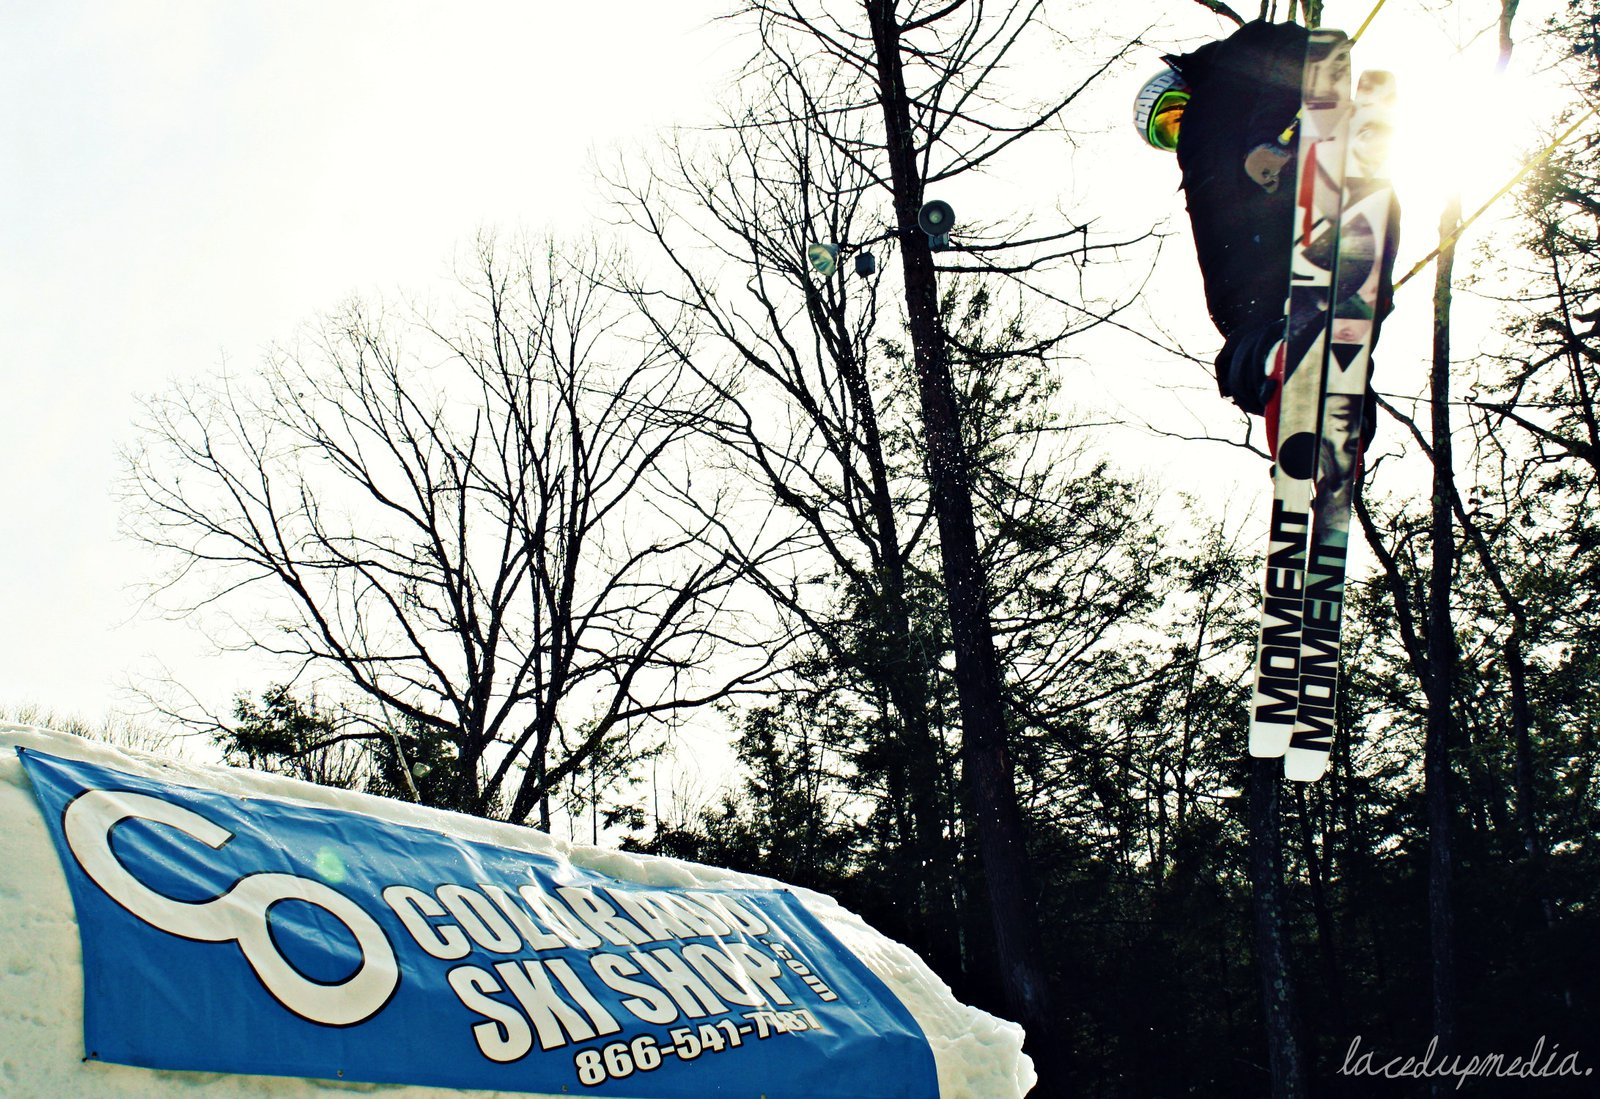 Colorado Ski Shop X Laced Up Media